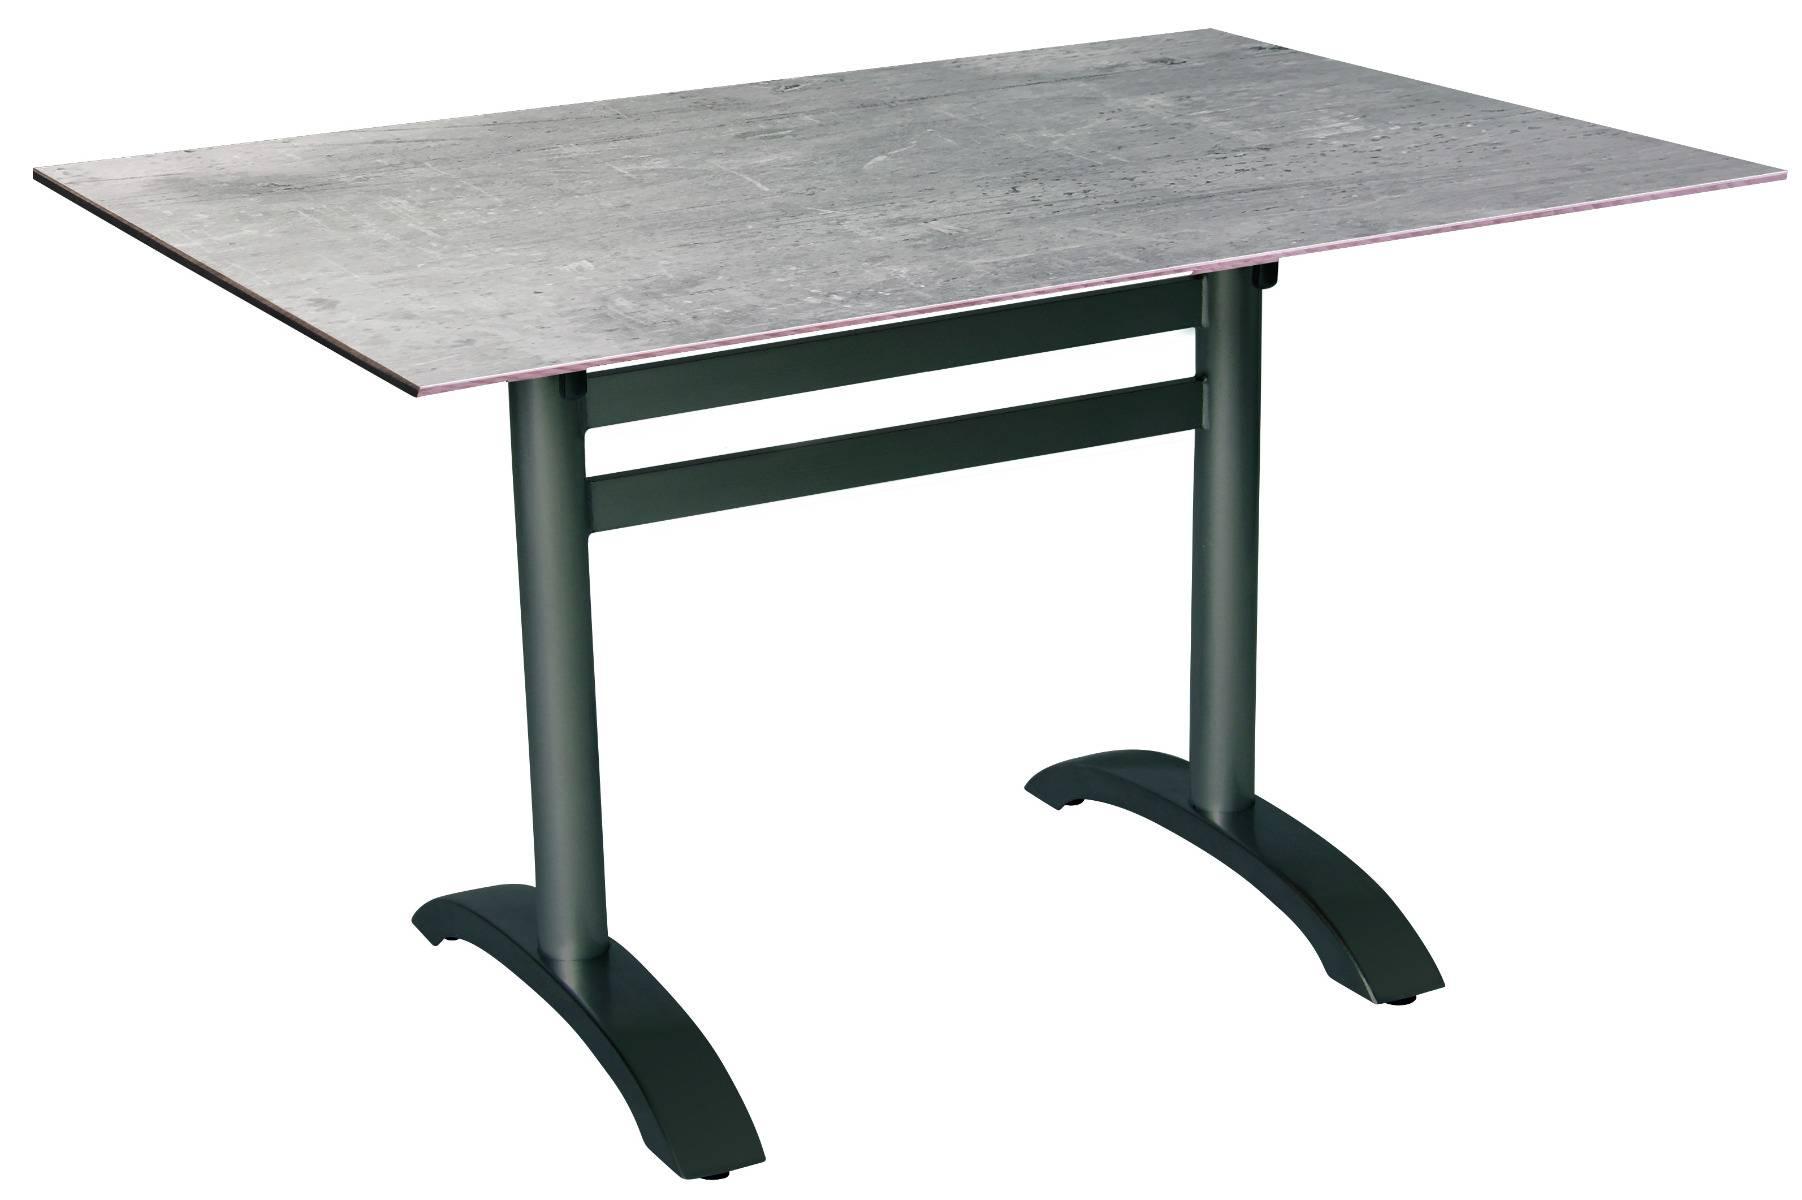 acamp acaplan Gartentisch 120x80cm anthrazit cemento grigio